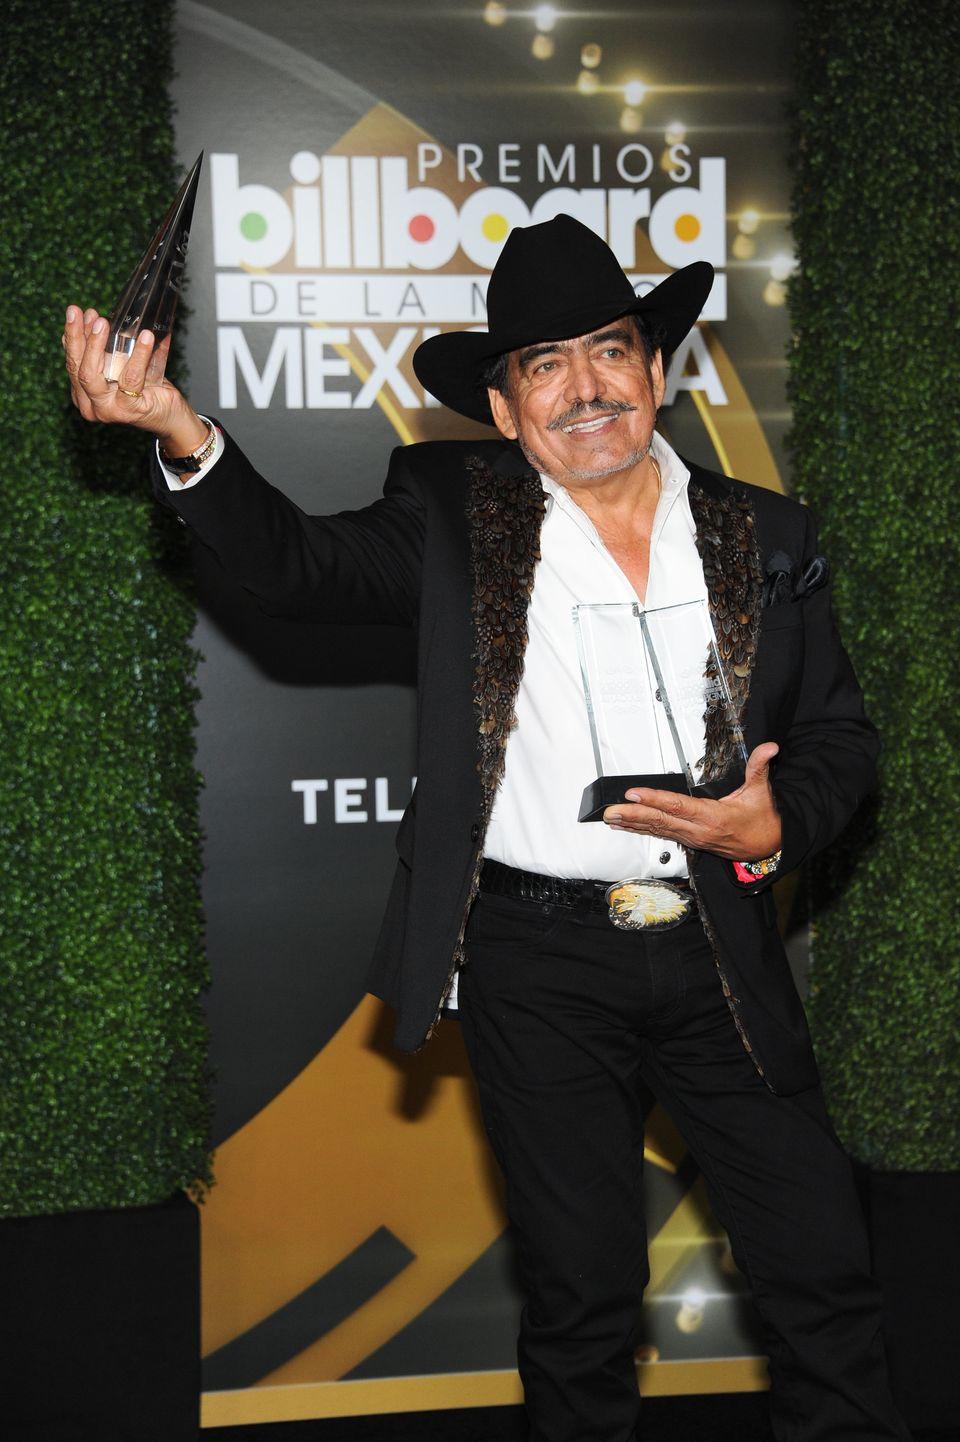 El cantante y compositor mexicano murió el lunes 13 de julio a los 64 años de edad en el estado de Guerrero, México.